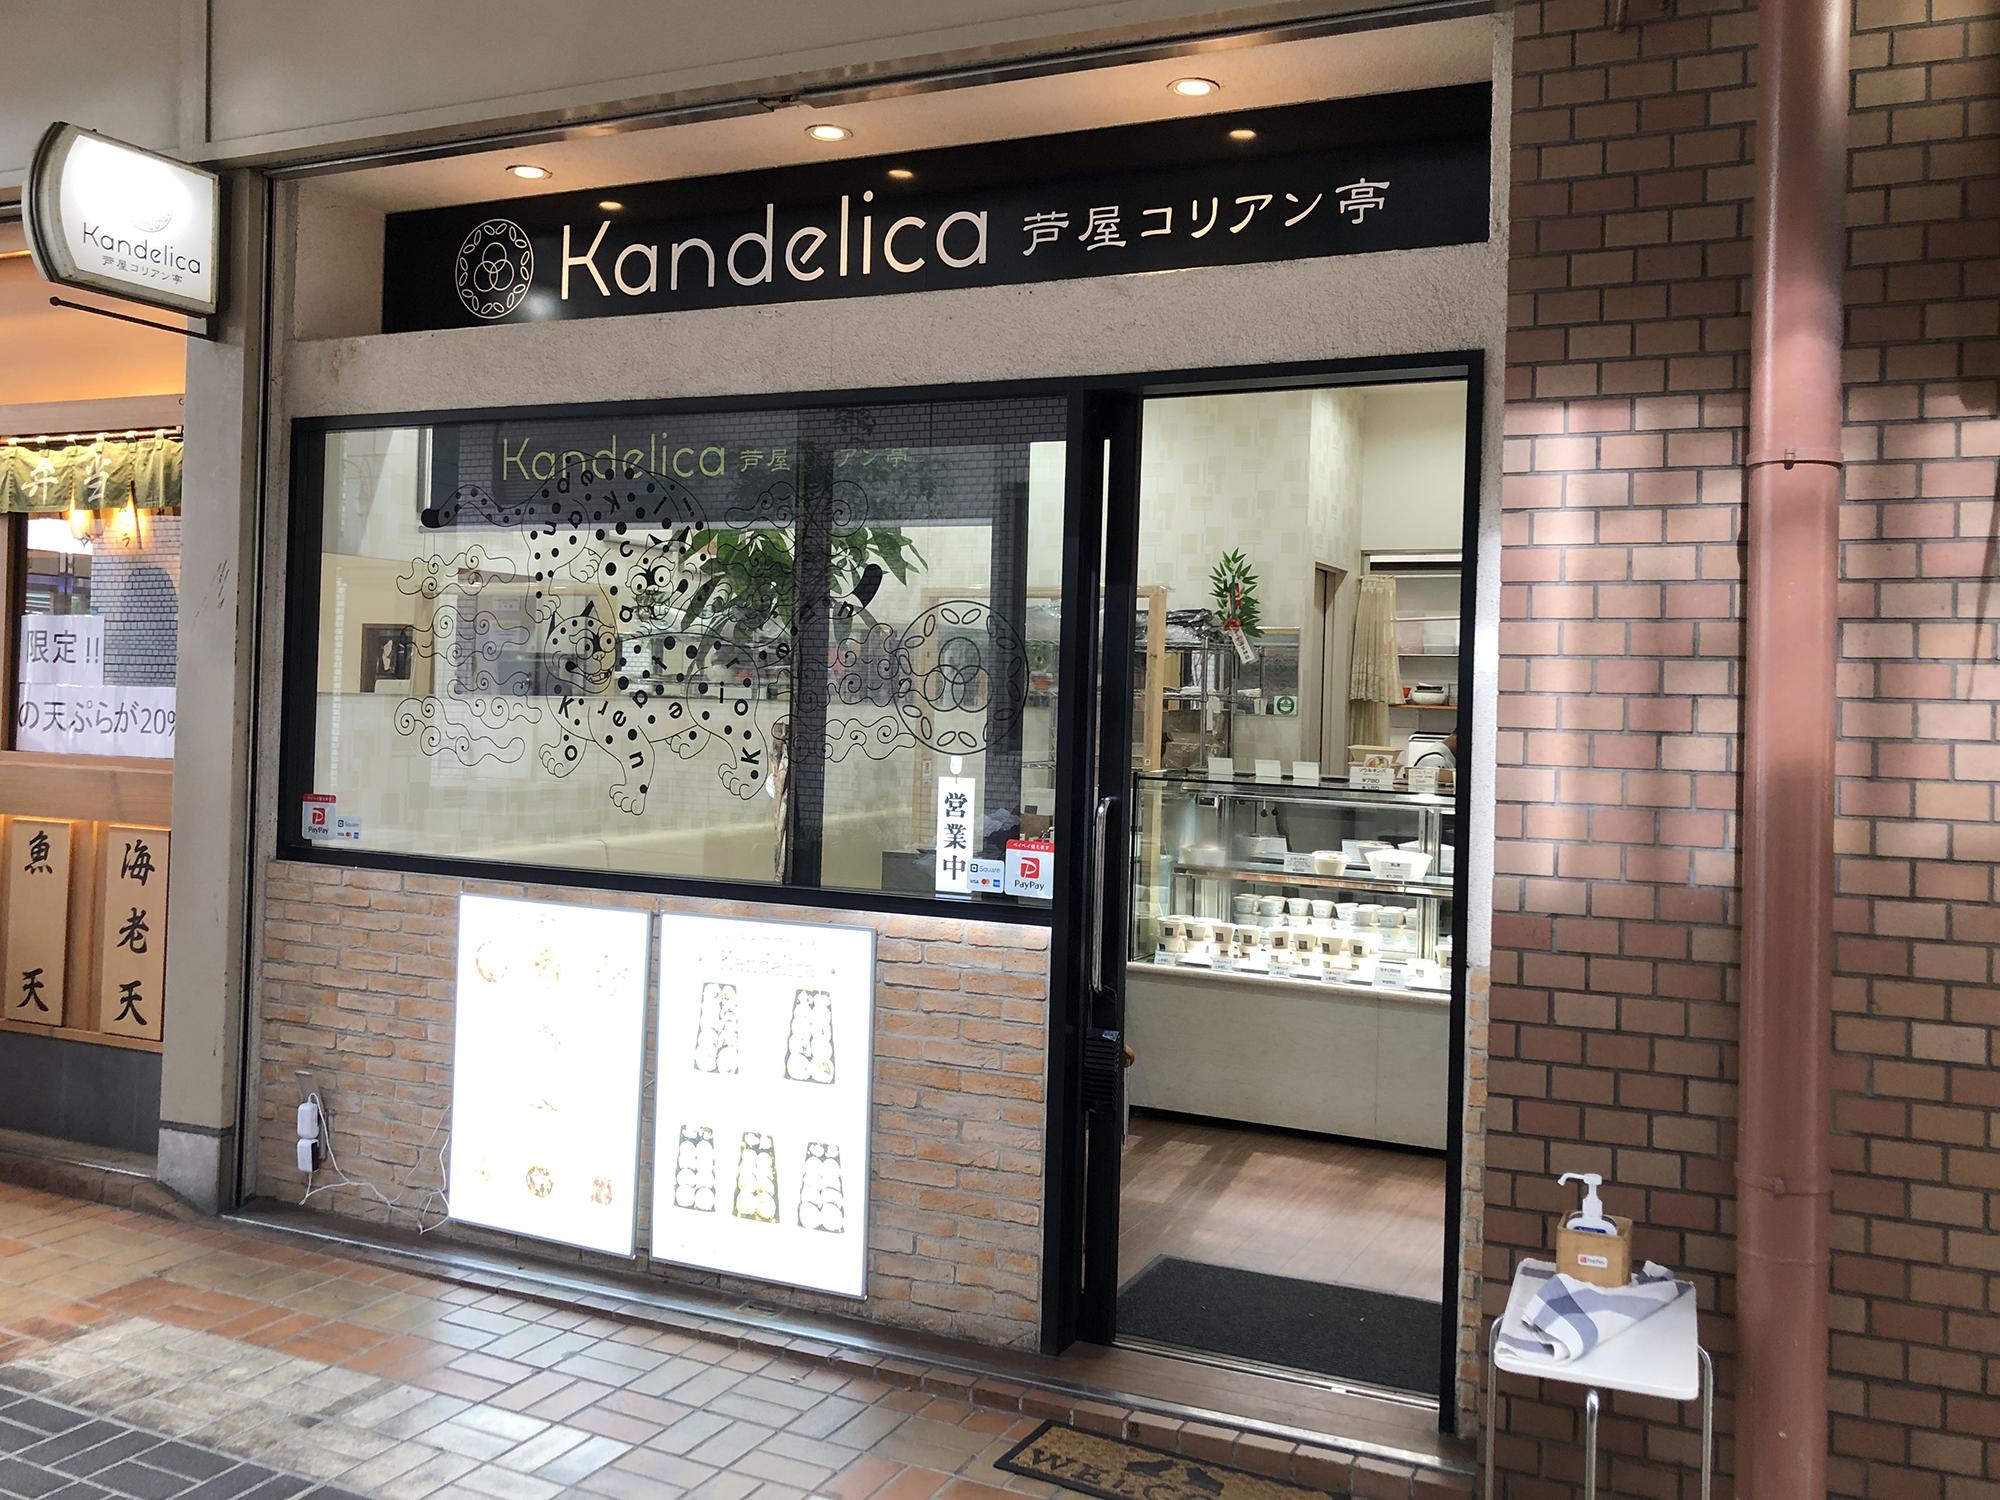 Kandelica 芦屋コリアン亭